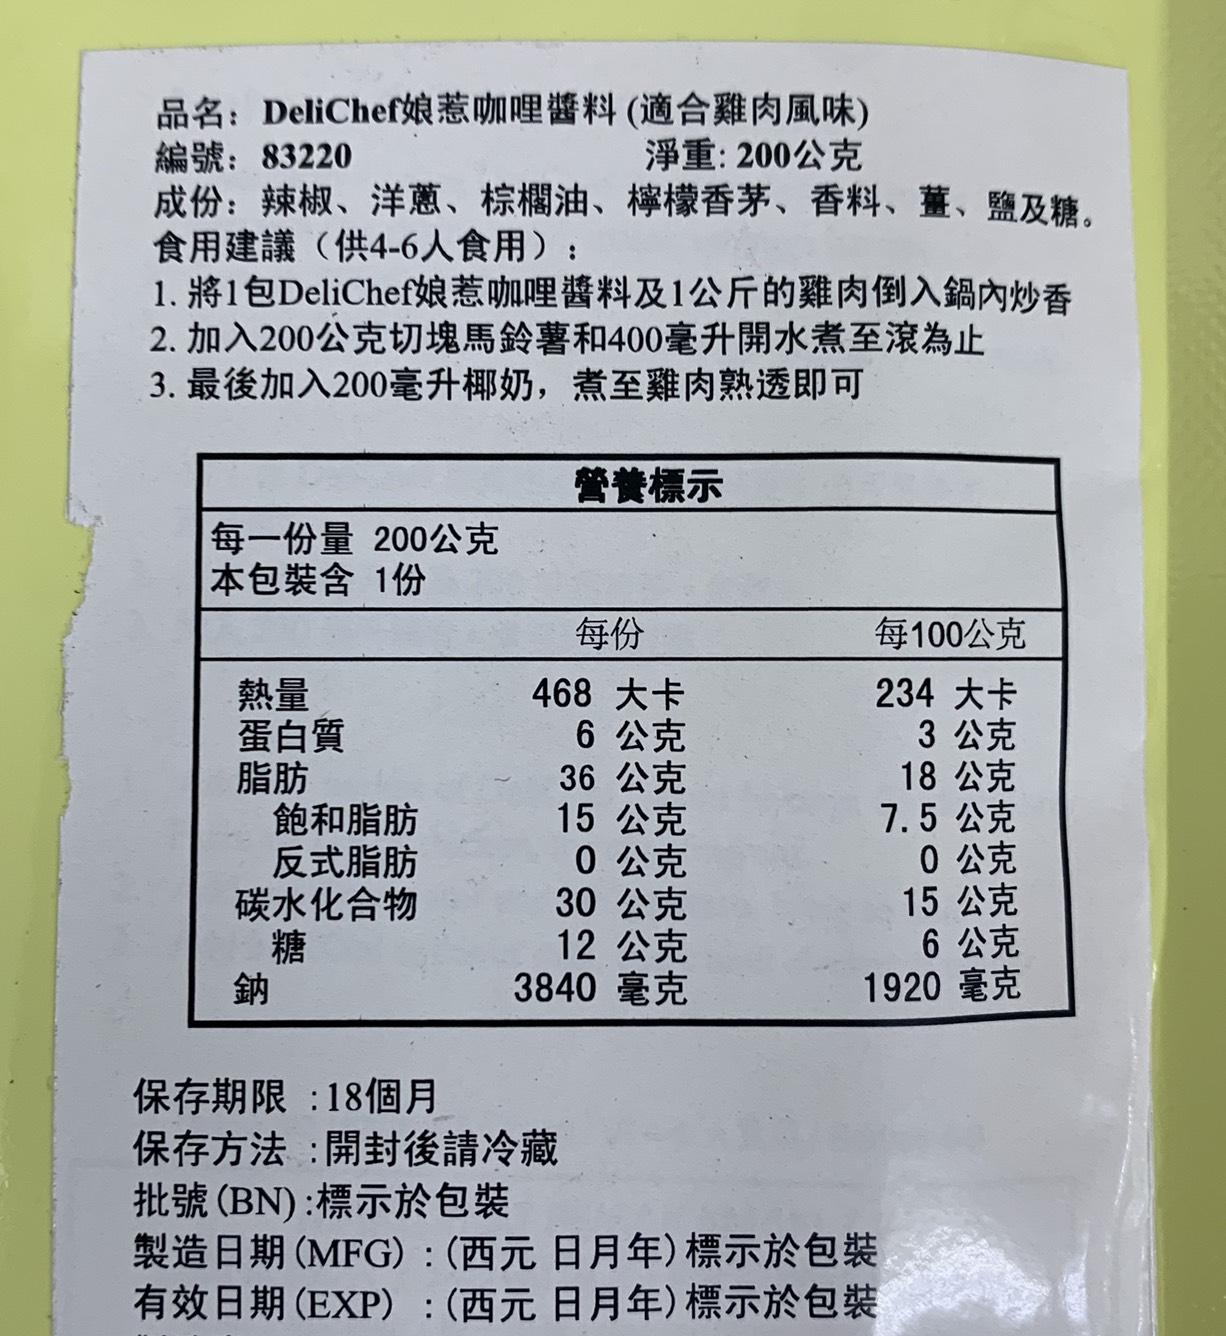 {泰菲印越} 馬來西亞 delichef  nyonya 娘惹咖哩雞醬料 咖哩料理包  200克